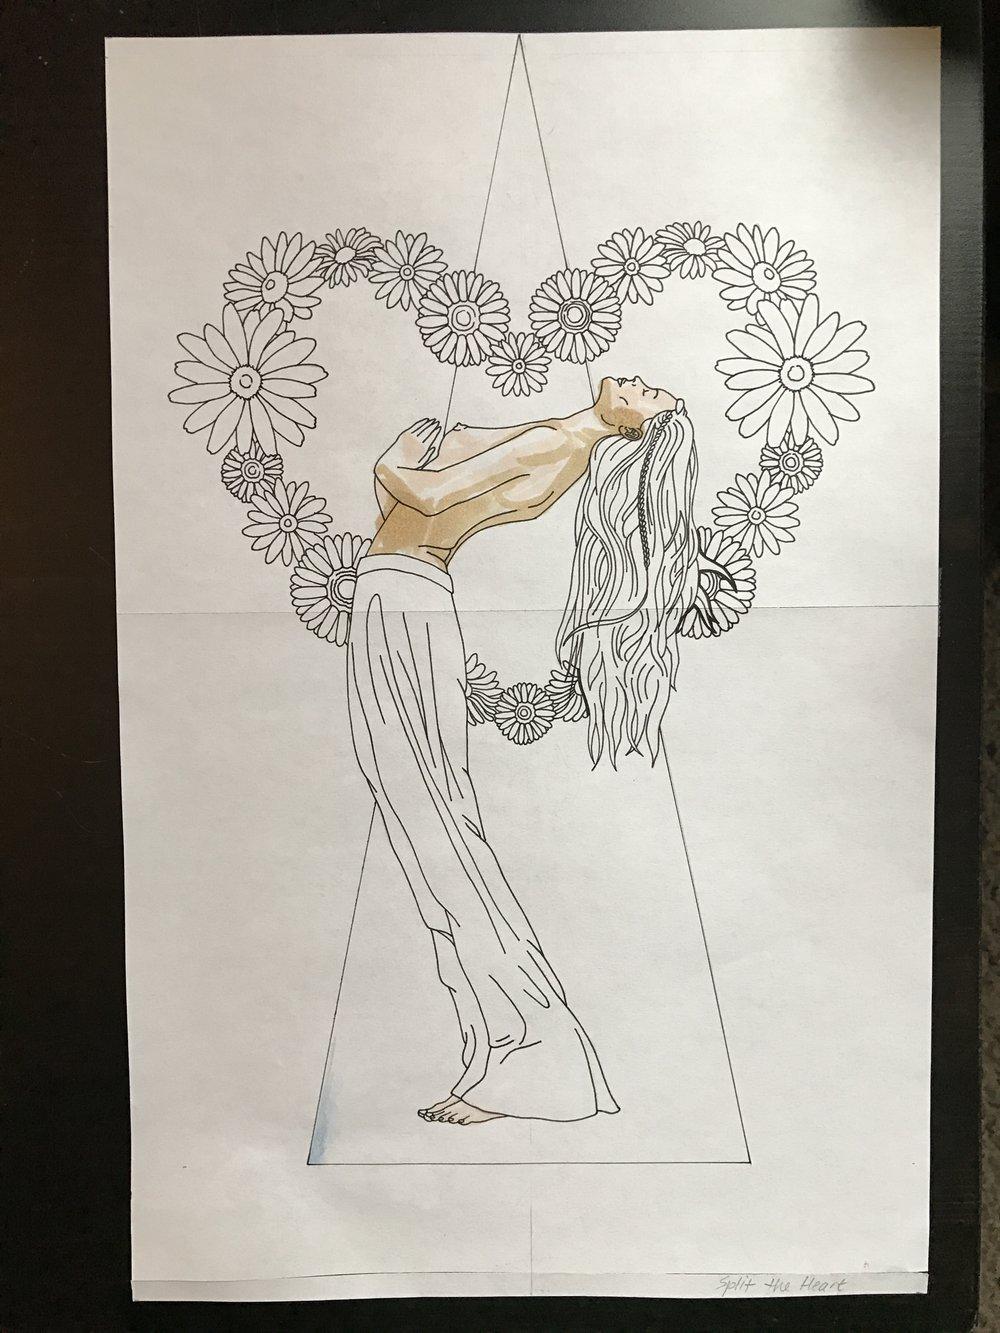 Nikki Dance_Split The Heart ink outline